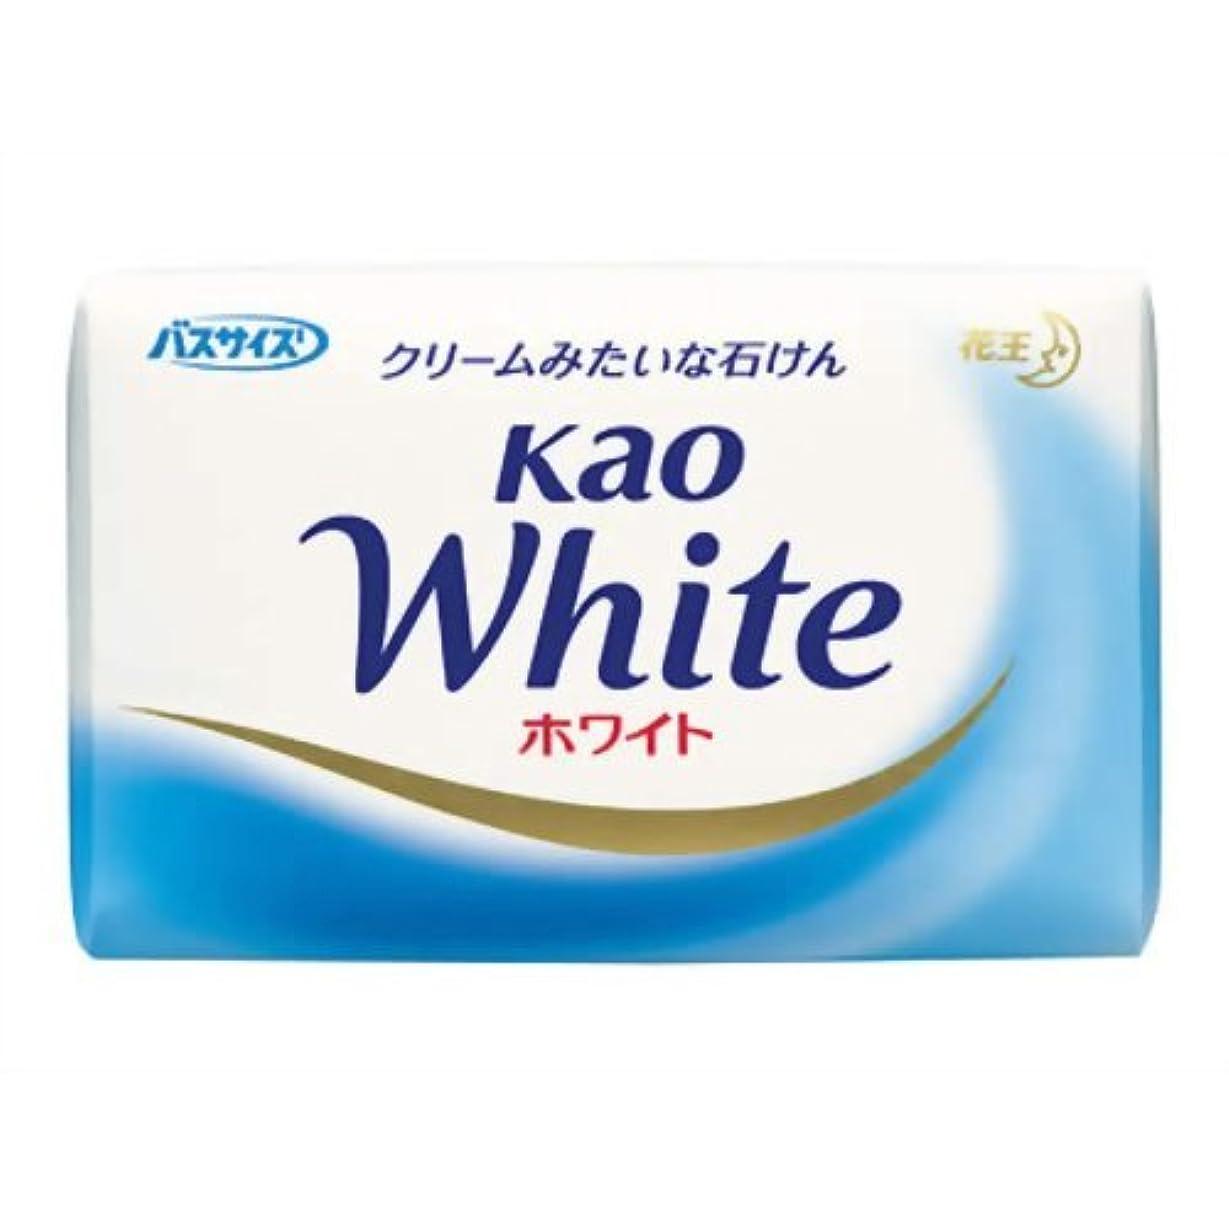 ガイドライン超える可動花王ホワイト バスサイズ